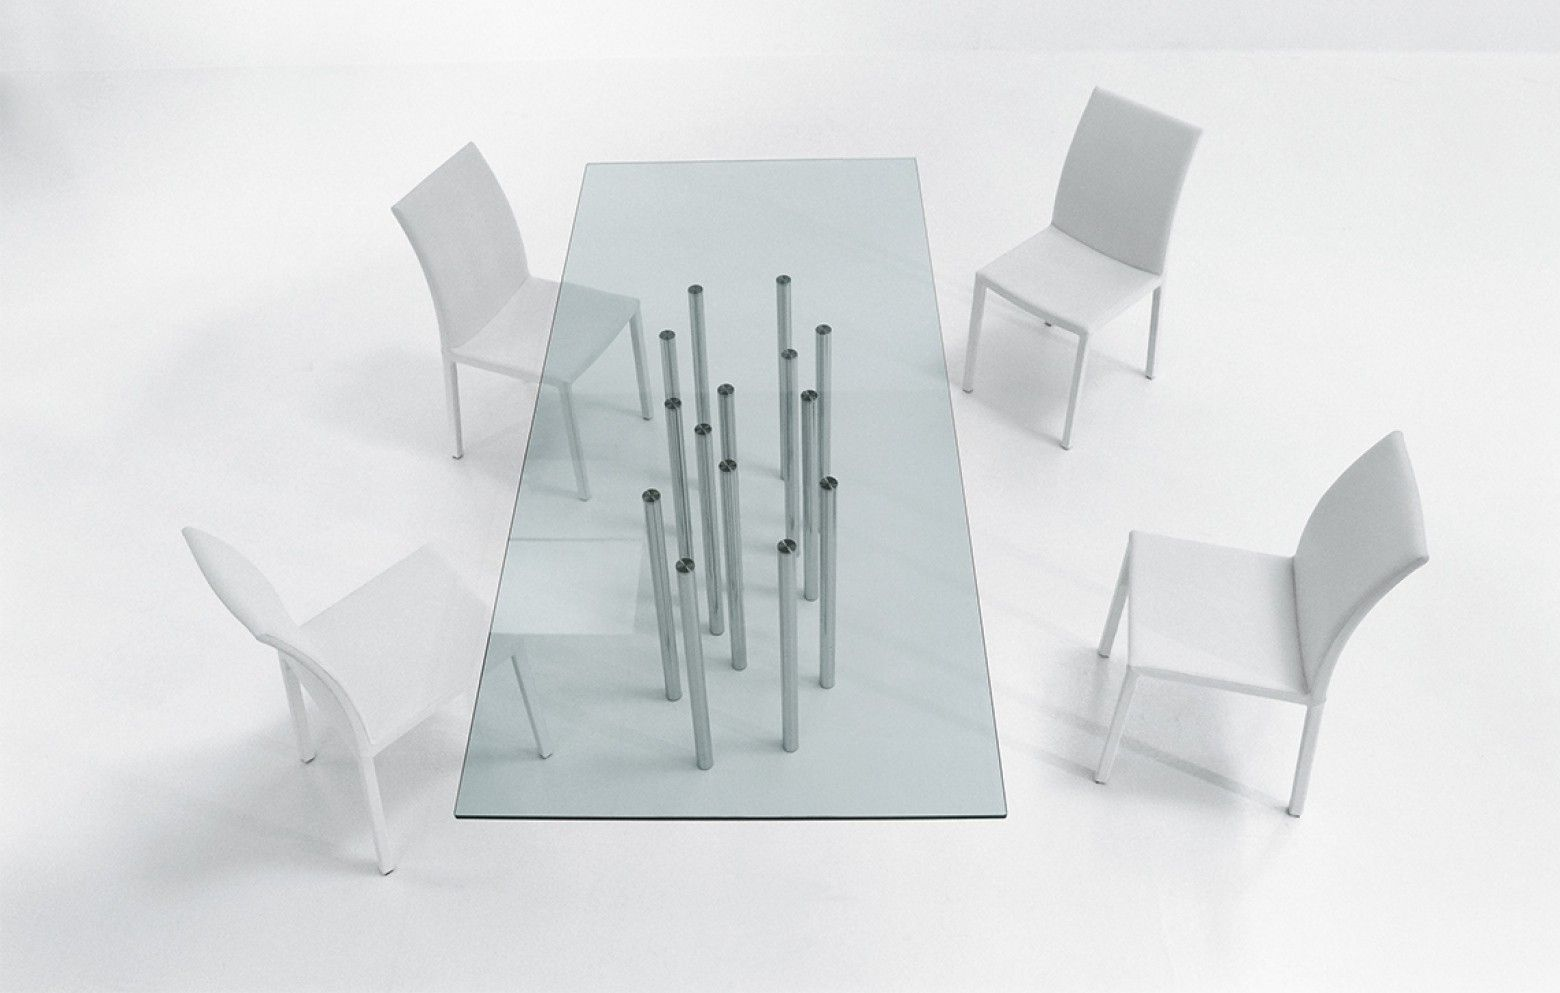 Glastisch Fur Die Einrichtung Ihres Esszimmers Pro Und Contra Glastische Esstisch Glas Glas Tischplatte